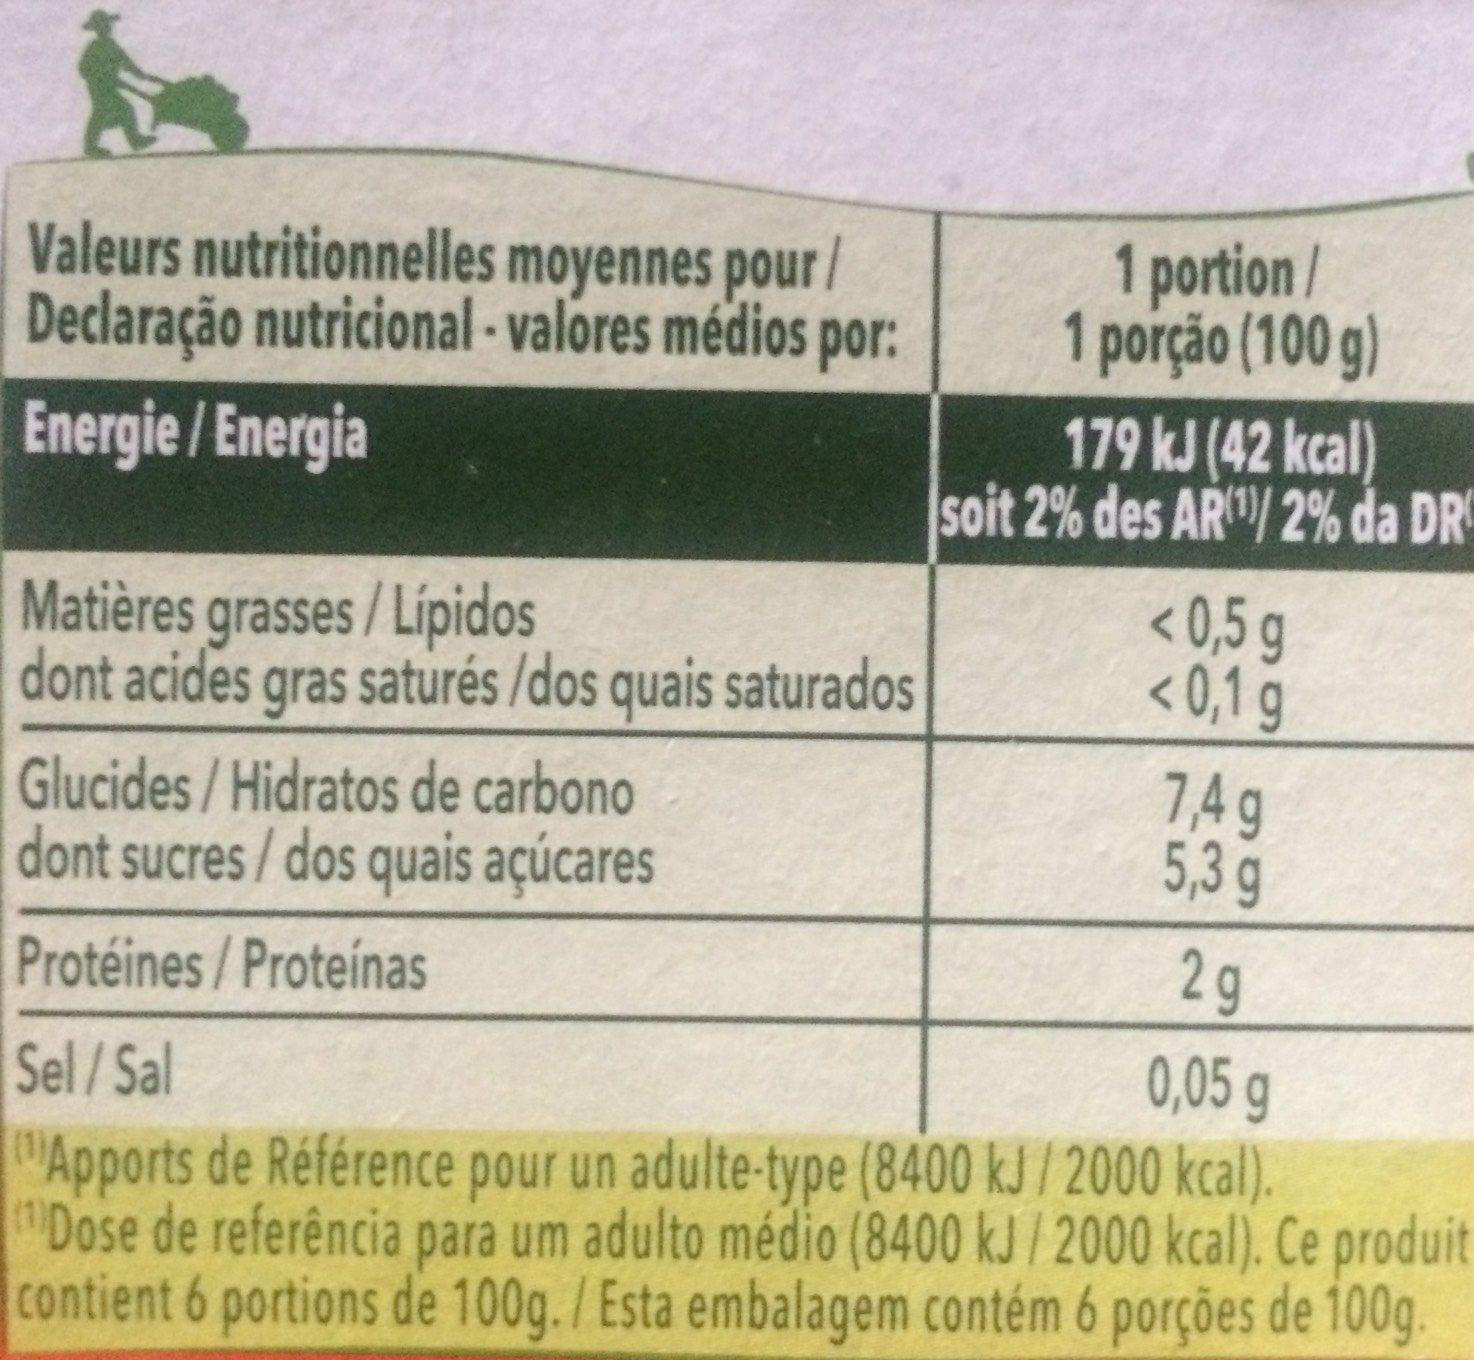 Coulis de tomates - Nutrition facts - fr